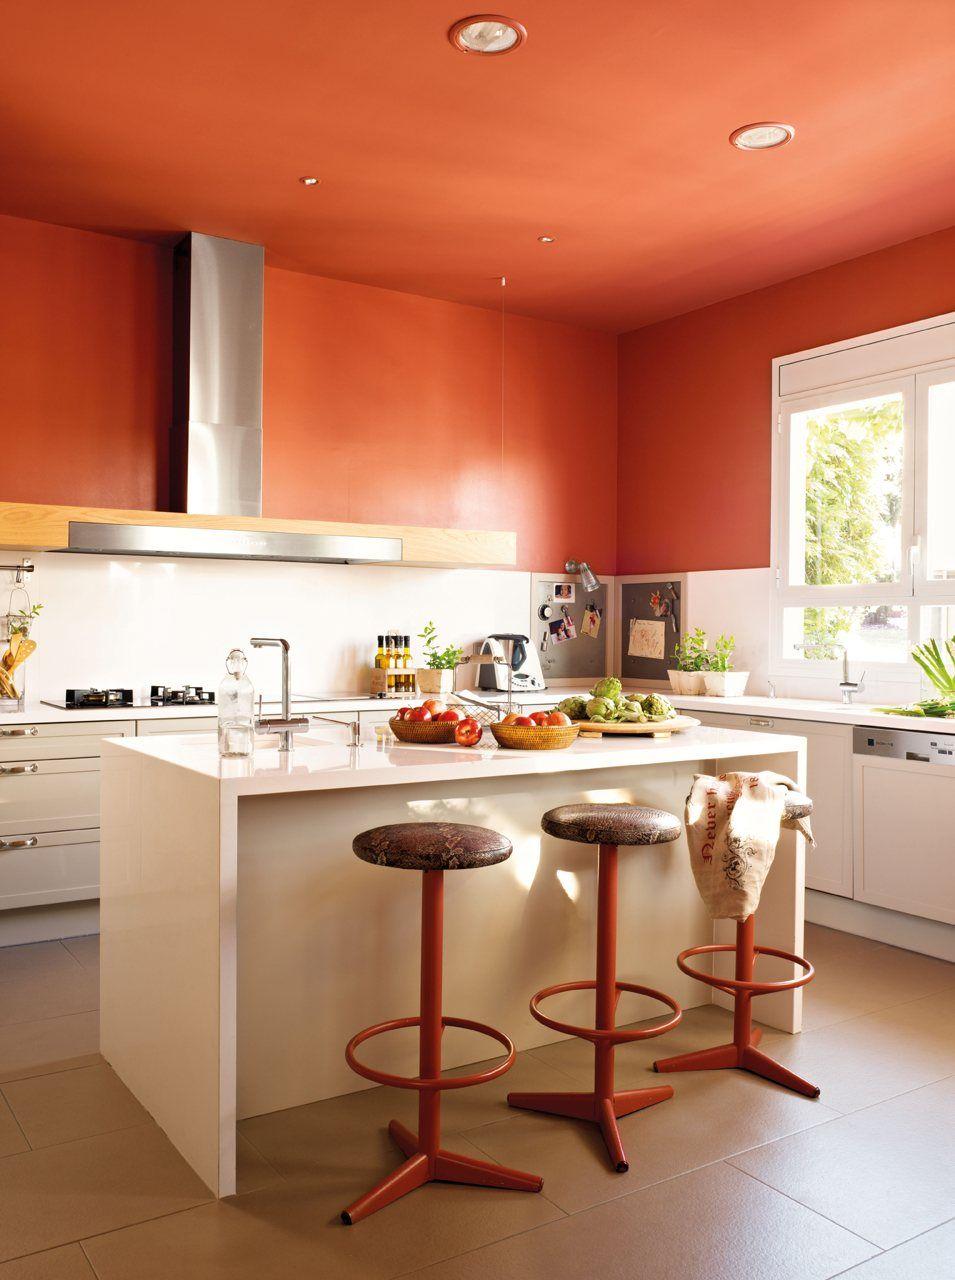 Ideas De Color De La Cocina Con Muebles Blancos - Cocina con isla en blanco y rojo con muebles de eilin y encimera de silestone color balancekitchen colorskitchen ideasorange